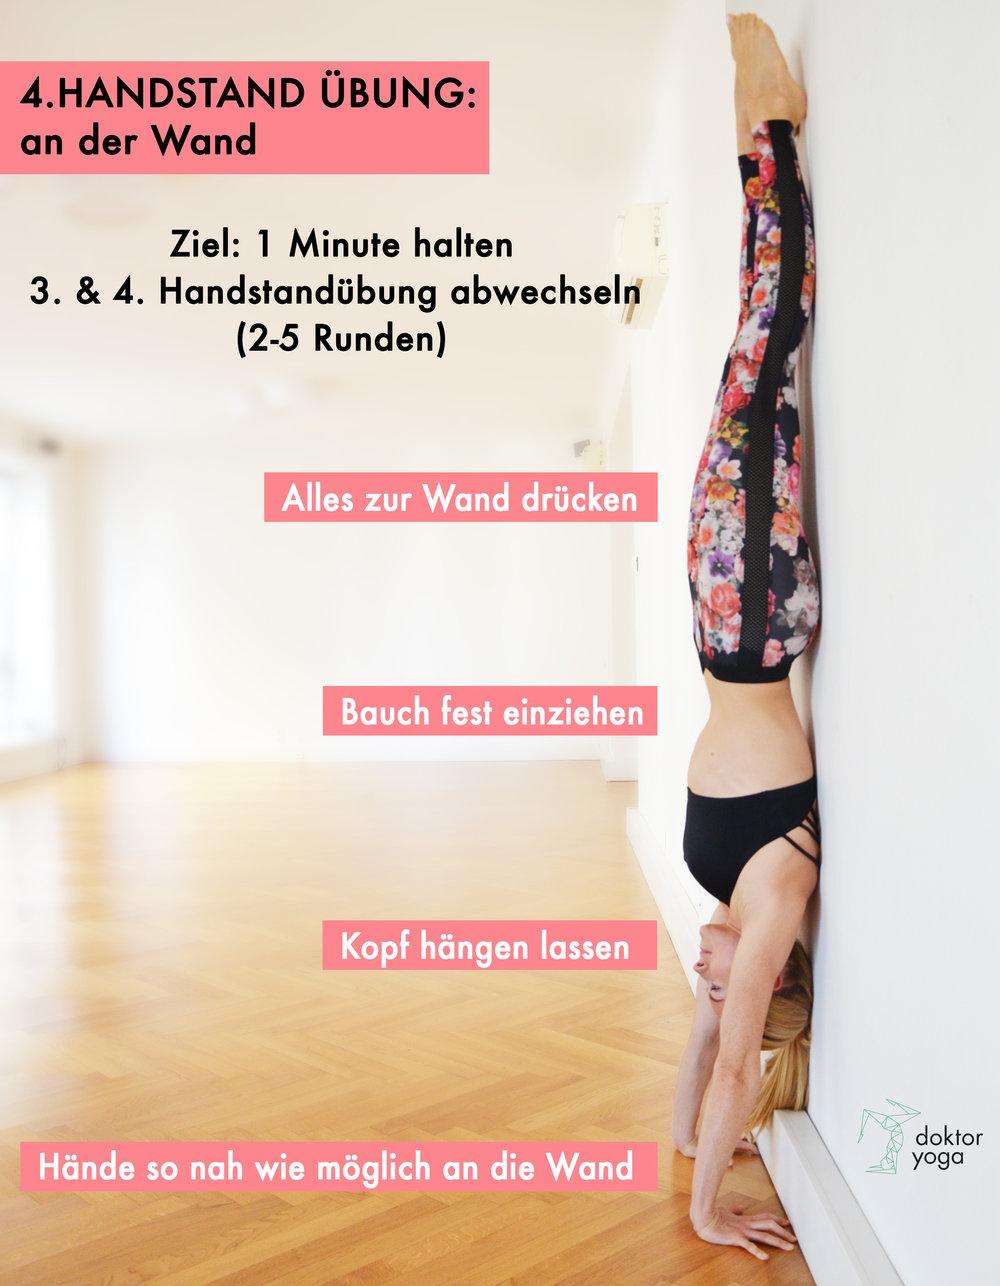 Handstand-Wand.jpg